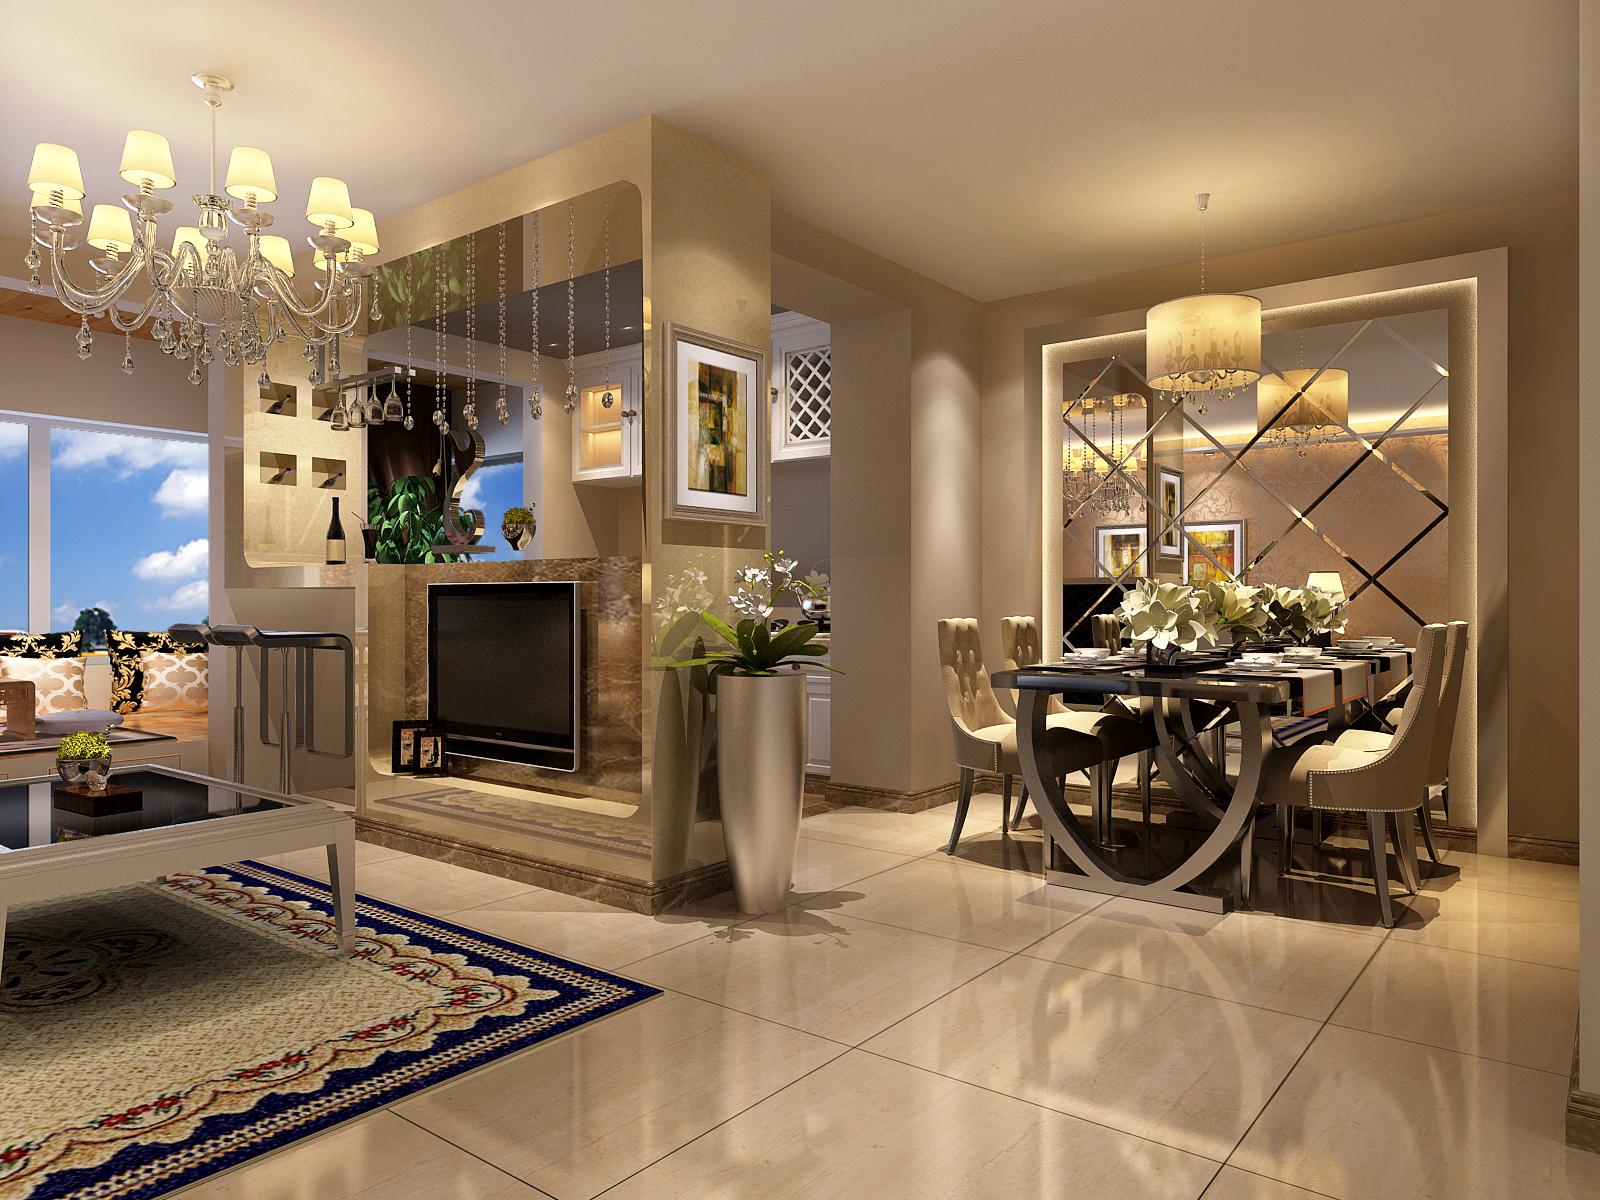 简约 欧式 二居 白领 80后 小资 欧式风格 两居室装修 欧式风格装 餐厅图片来自北京实创装饰石头在简欧风格两居室,尊贵与优雅的分享